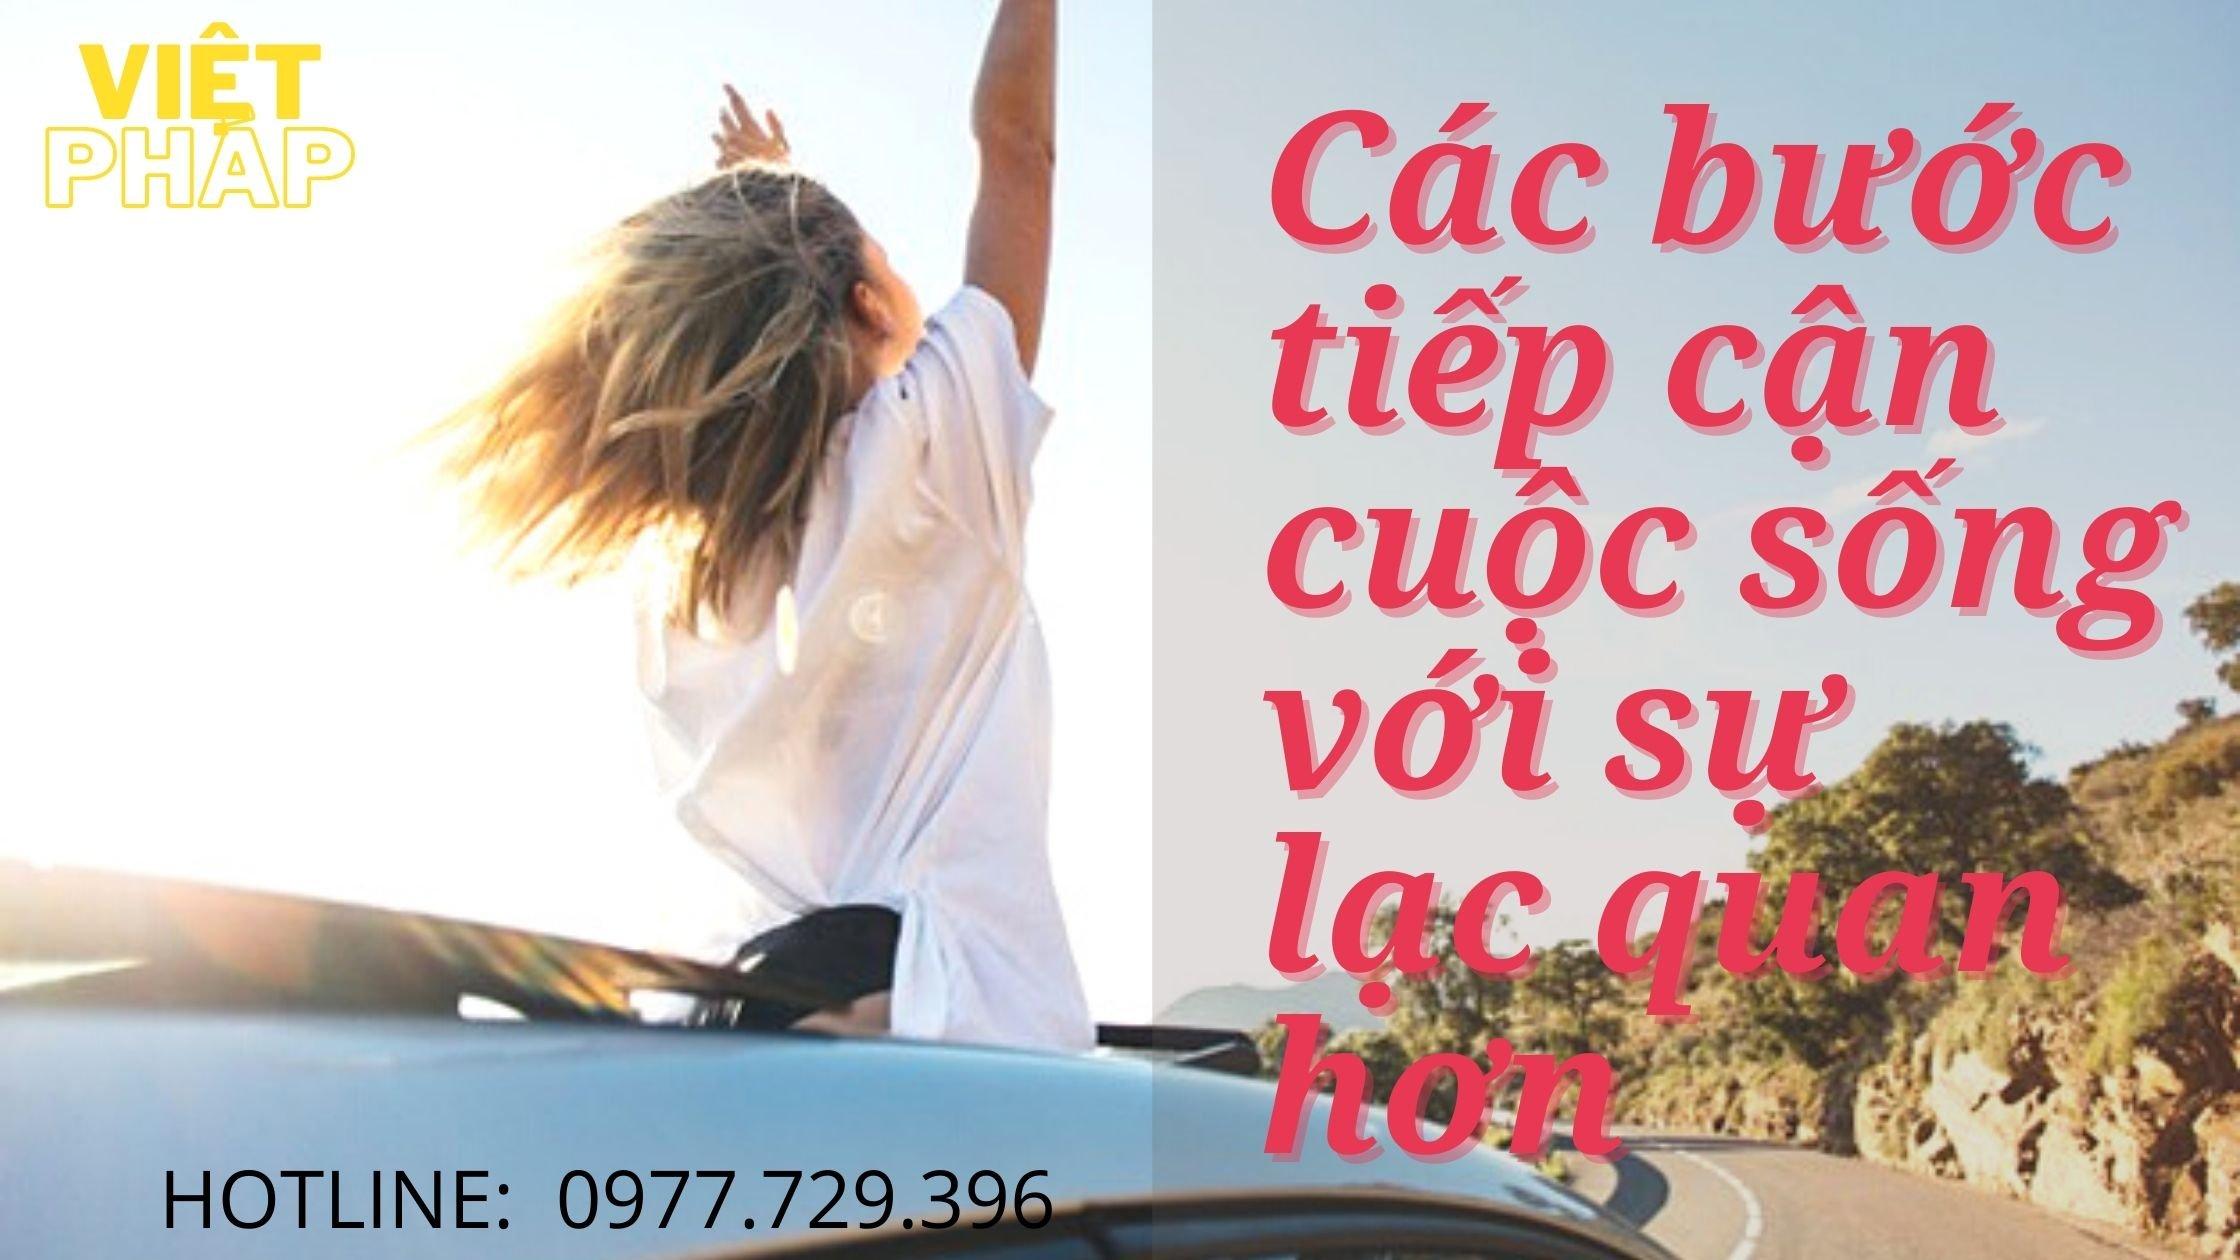 cac_buoc_tiep_can_voi_su_lac_quan